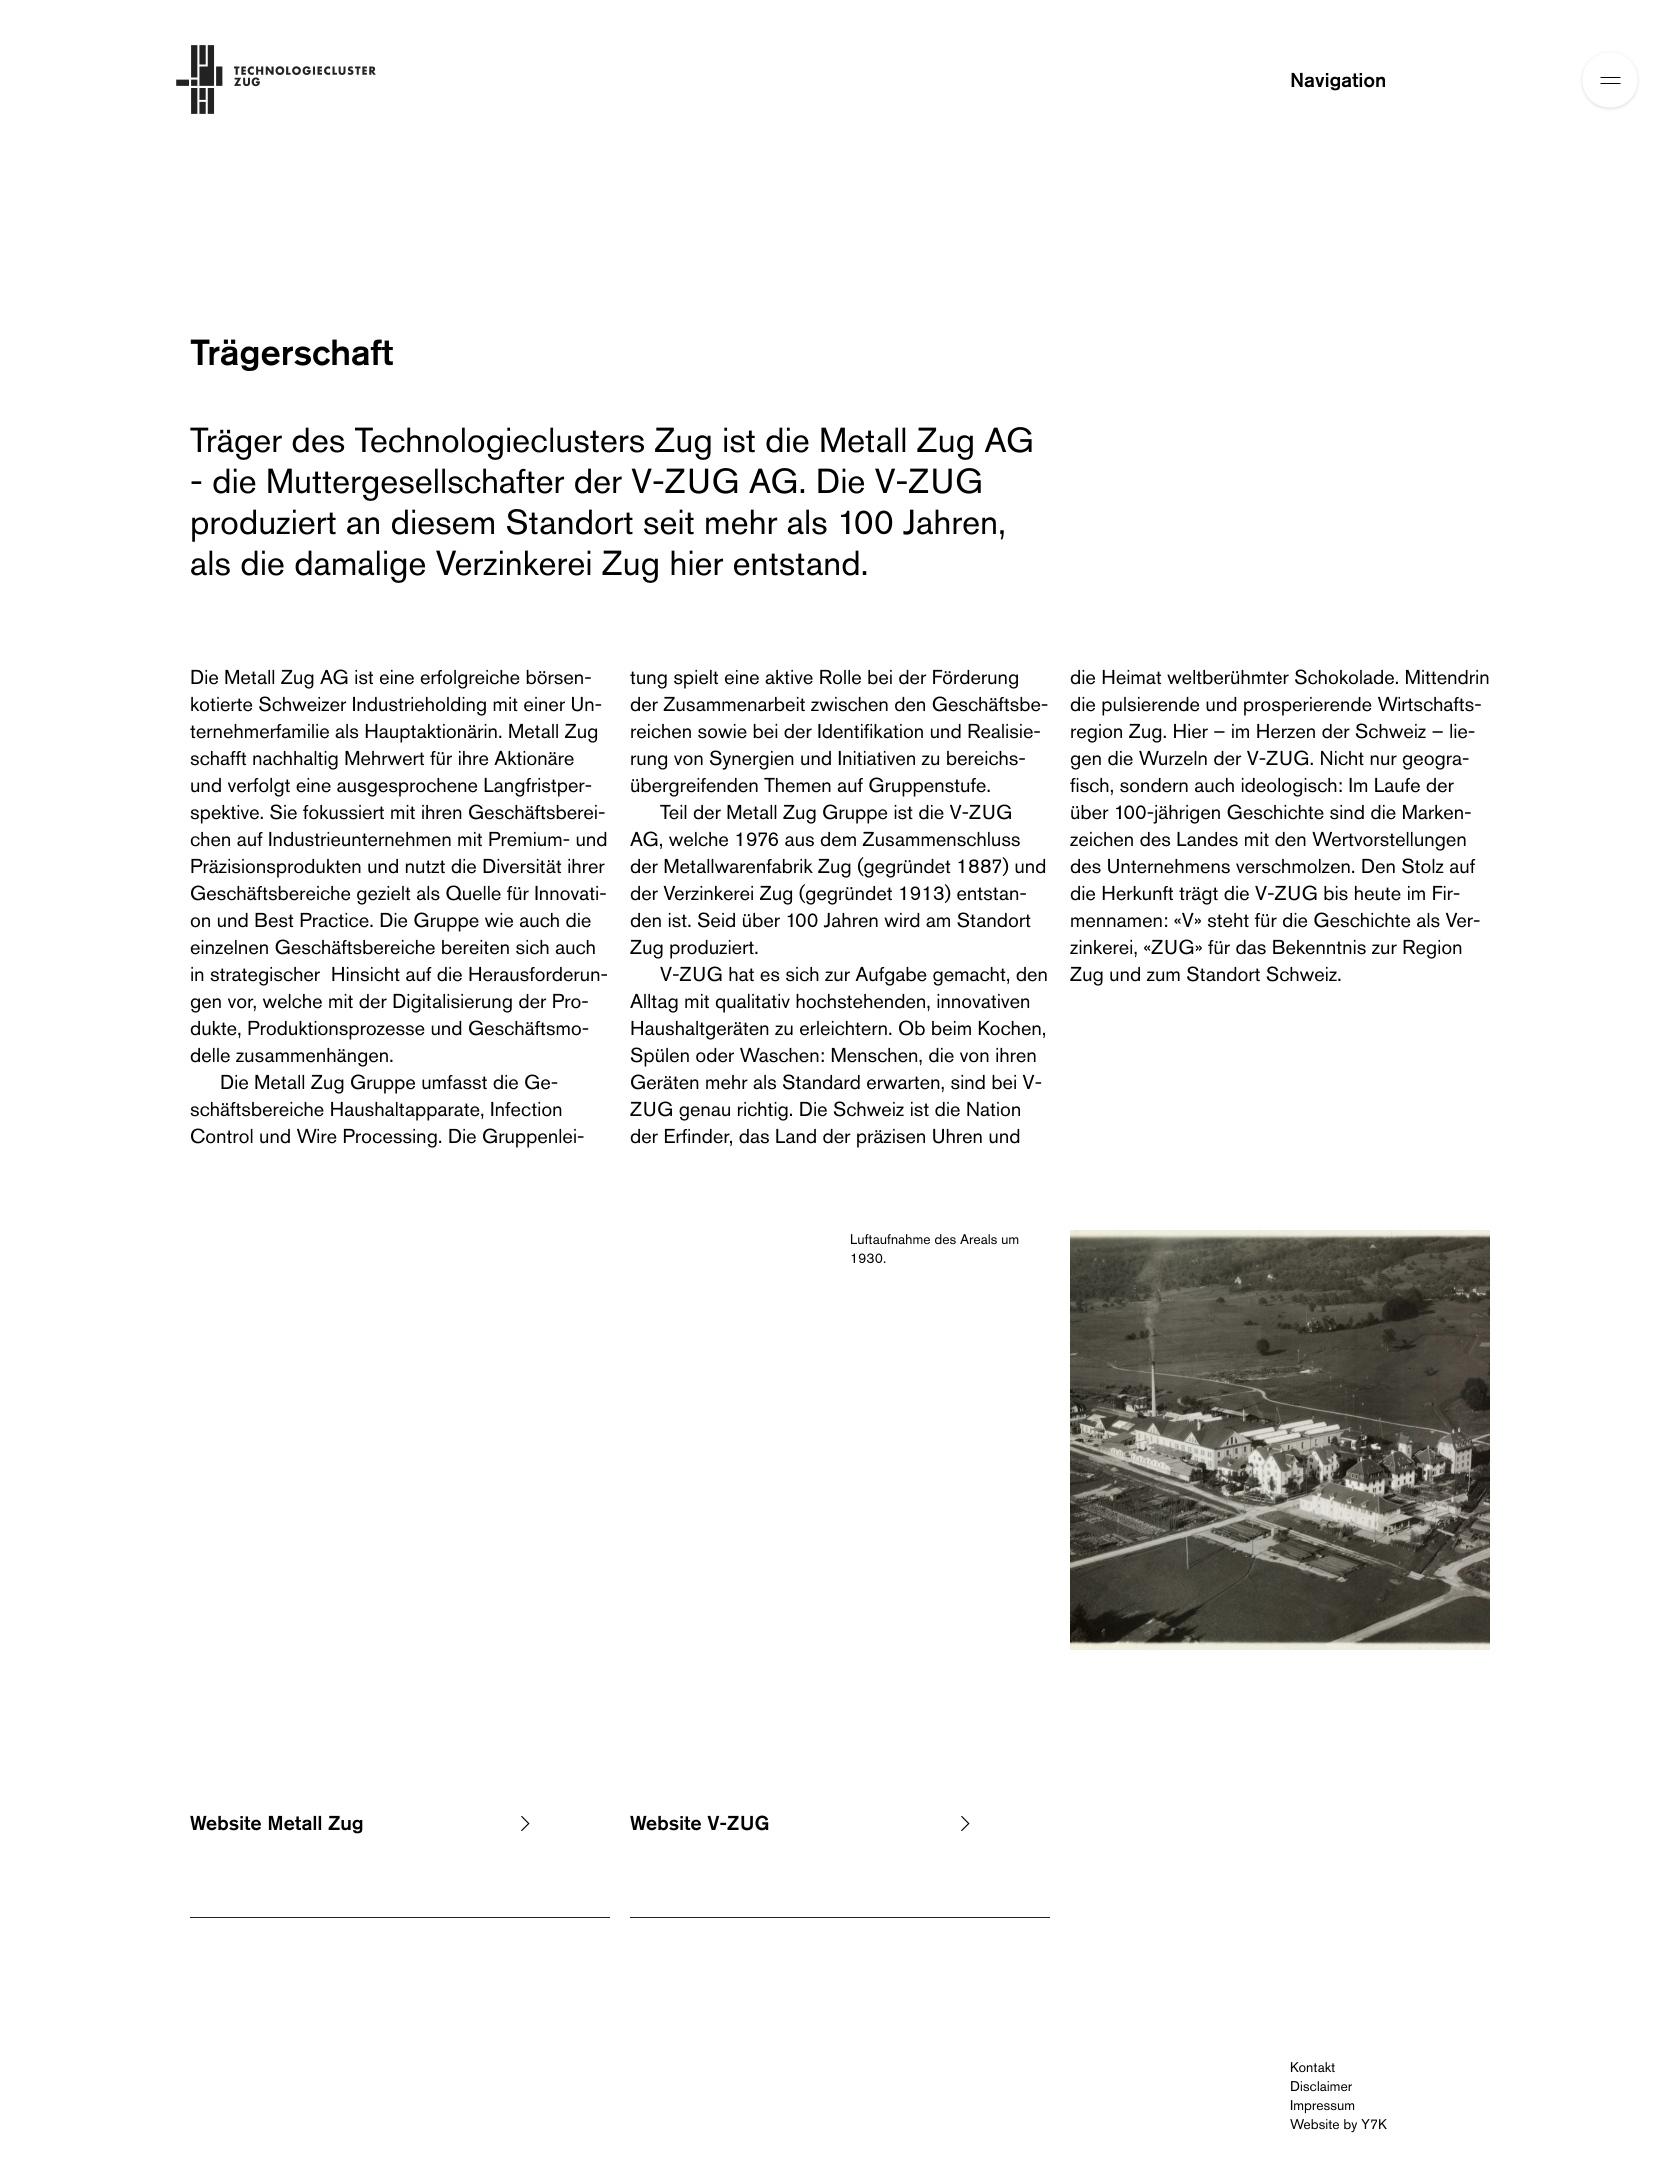 Technologiecluster Zug 09